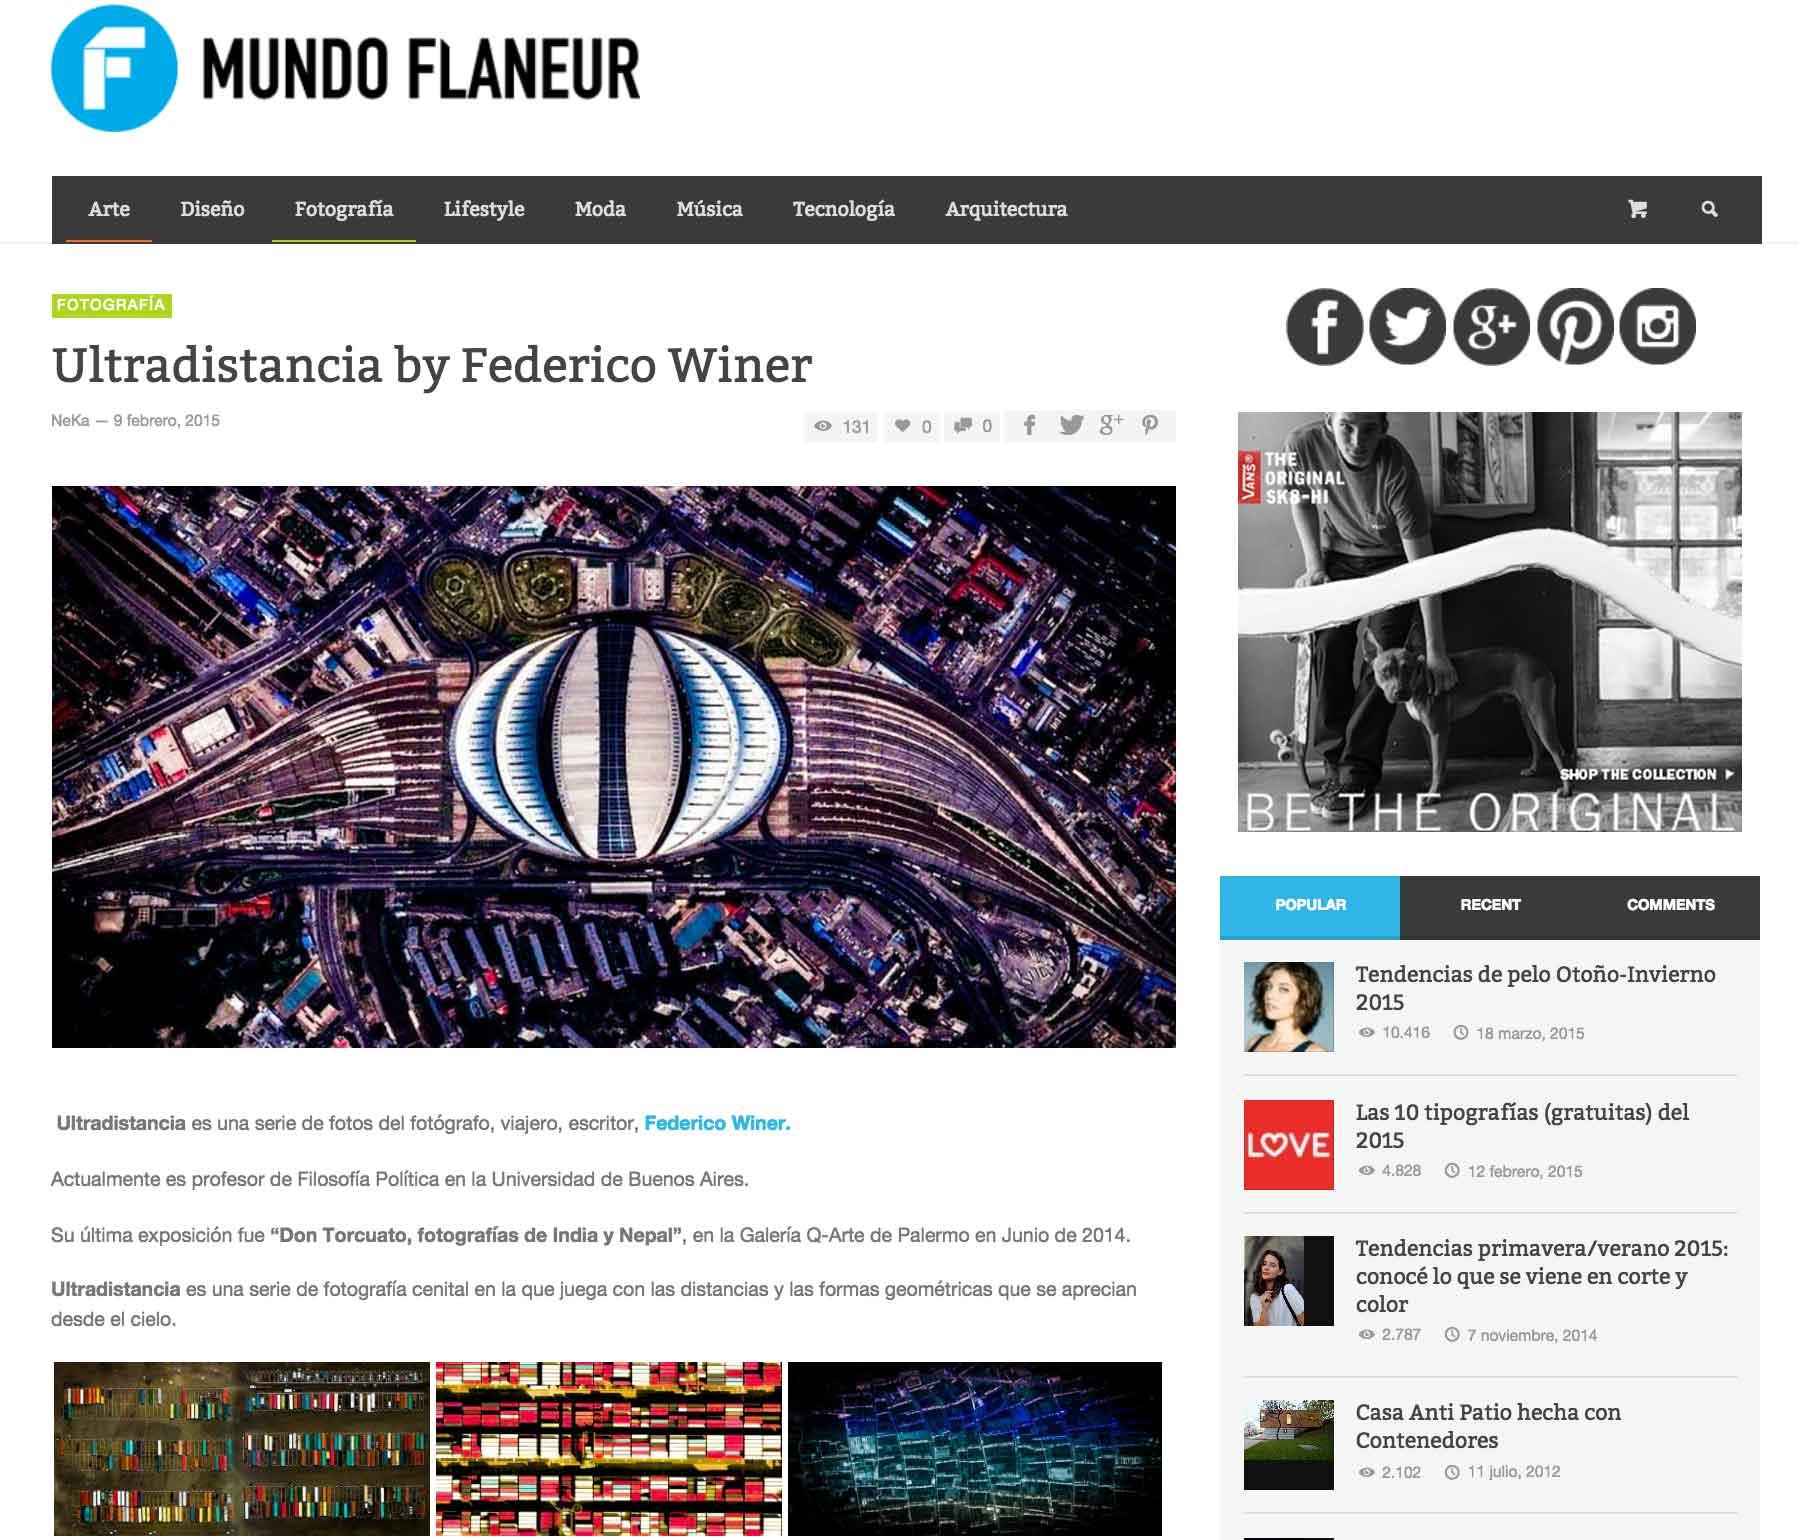 Mundo Flaneur - AR